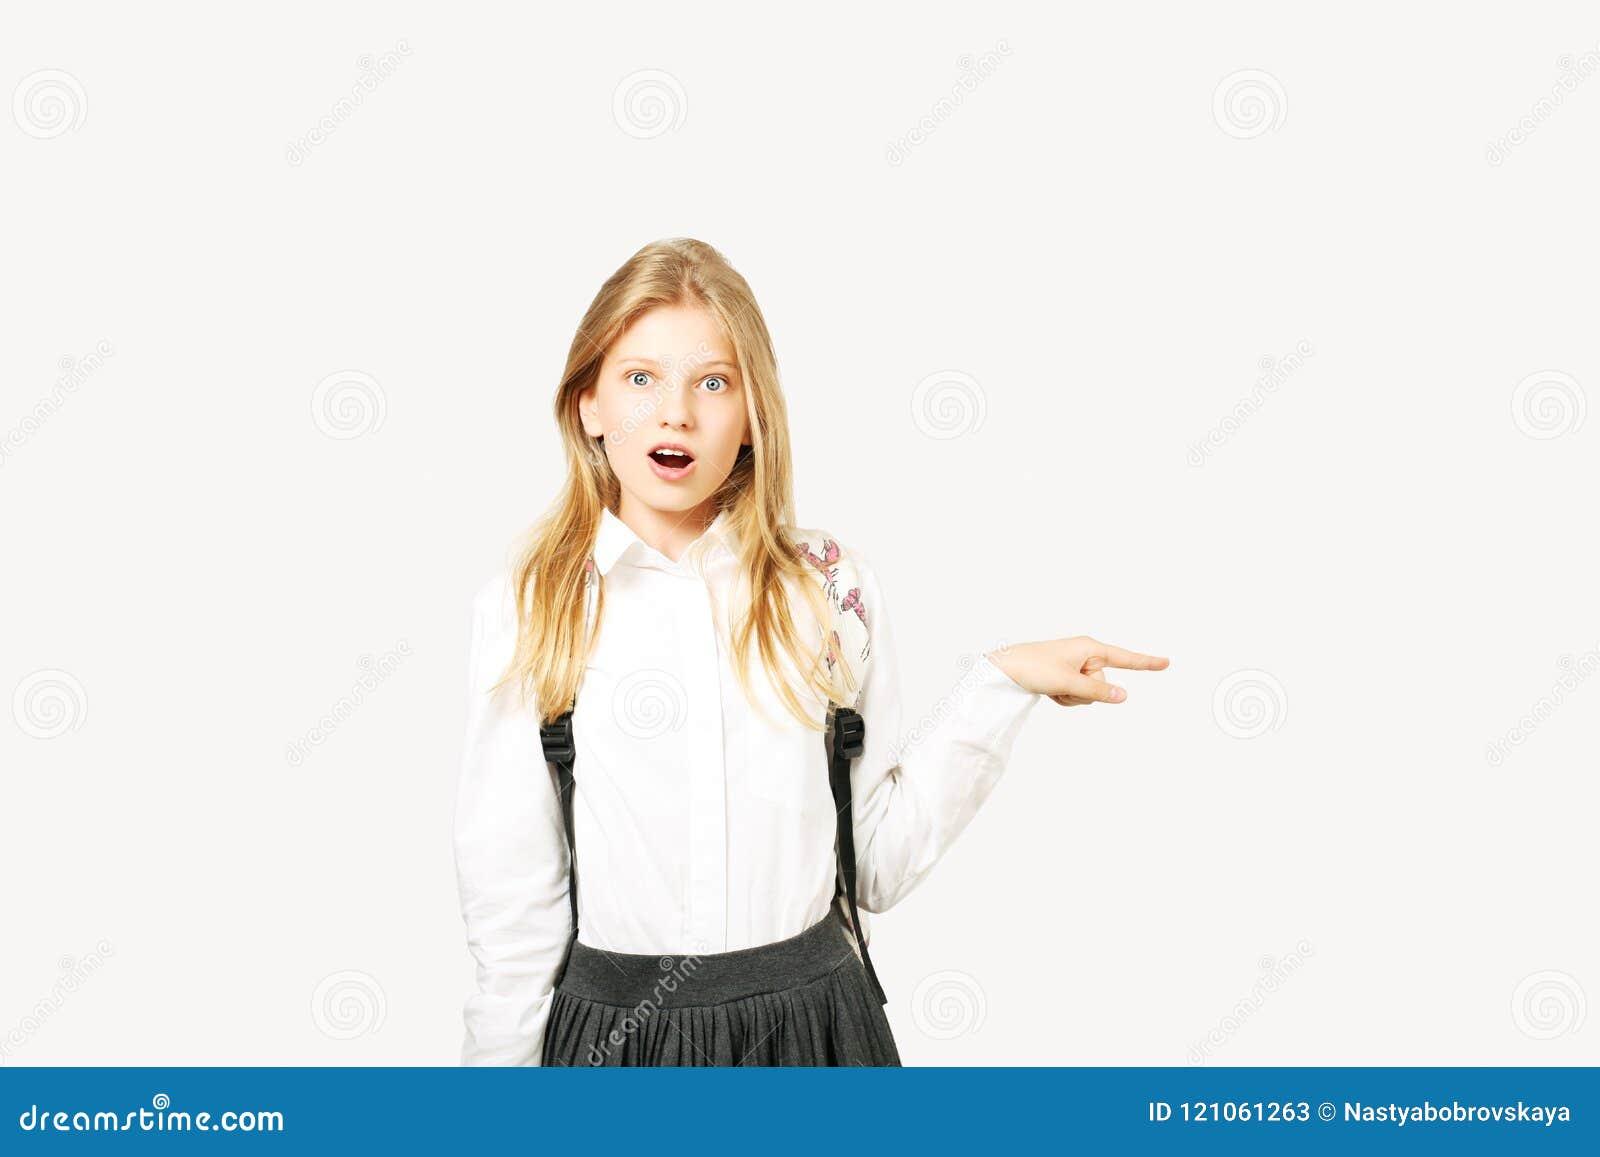 Νέα όμορφη τοποθέτηση κοριτσιών εφήβων πρότυπη πέρα από απομονωμένο το λευκό υπόβαθρο που παρουσιάζει συναισθηματικές εκφράσεις τ